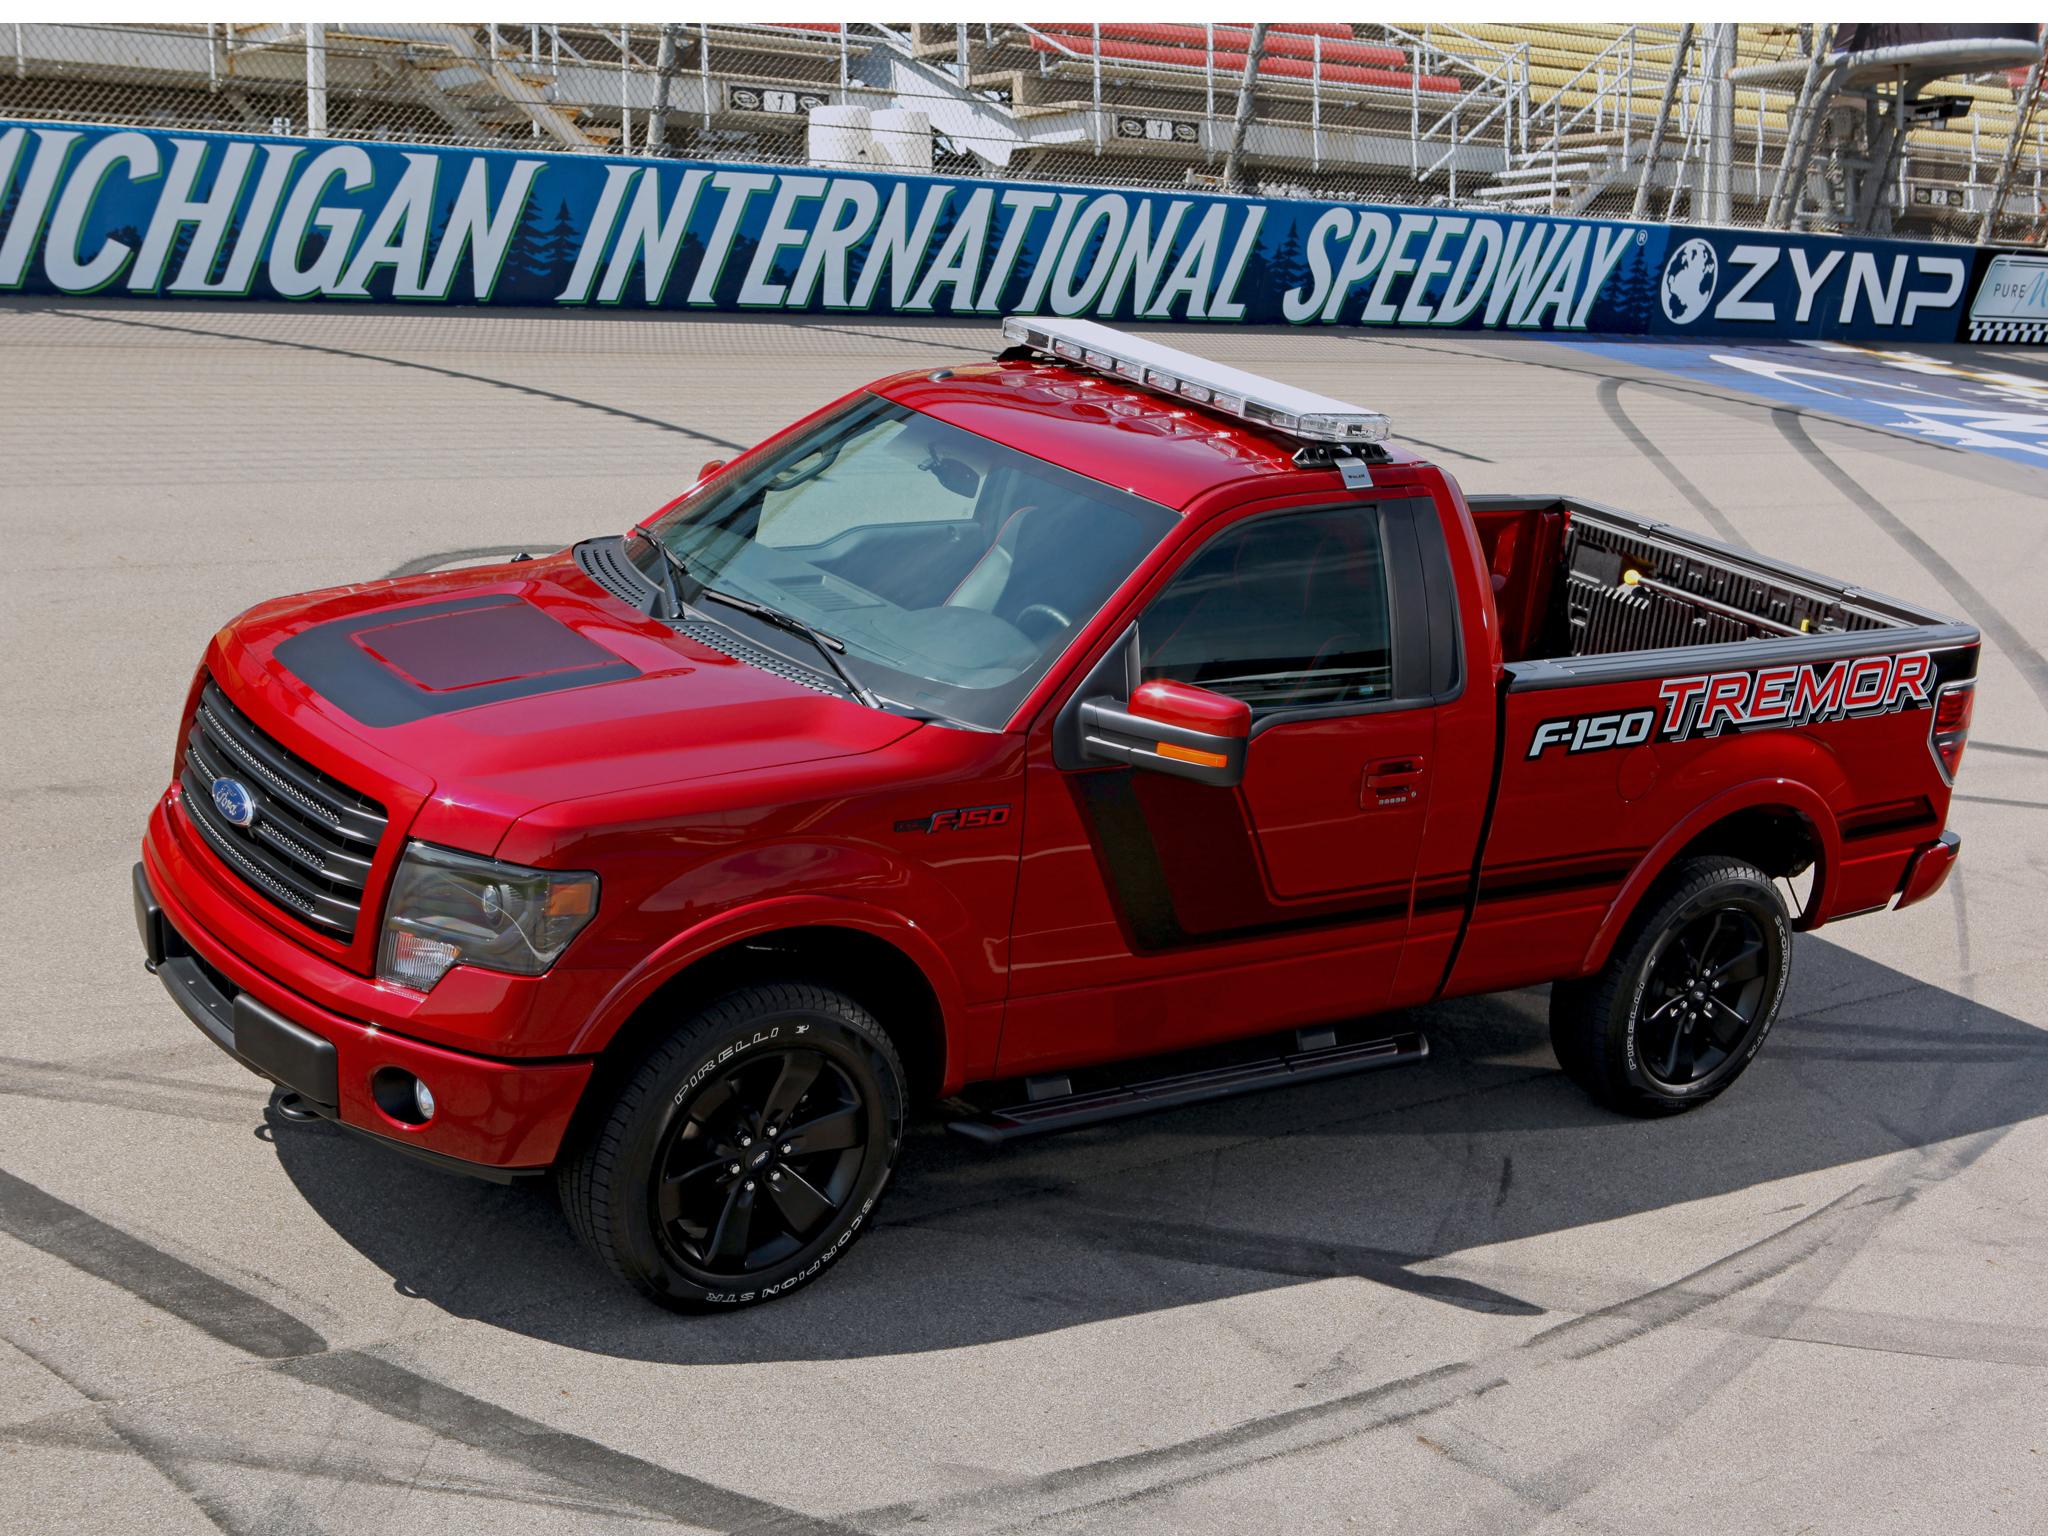 2014 ford f 150 tremor ecoboost nascar pace truck pickup. Black Bedroom Furniture Sets. Home Design Ideas